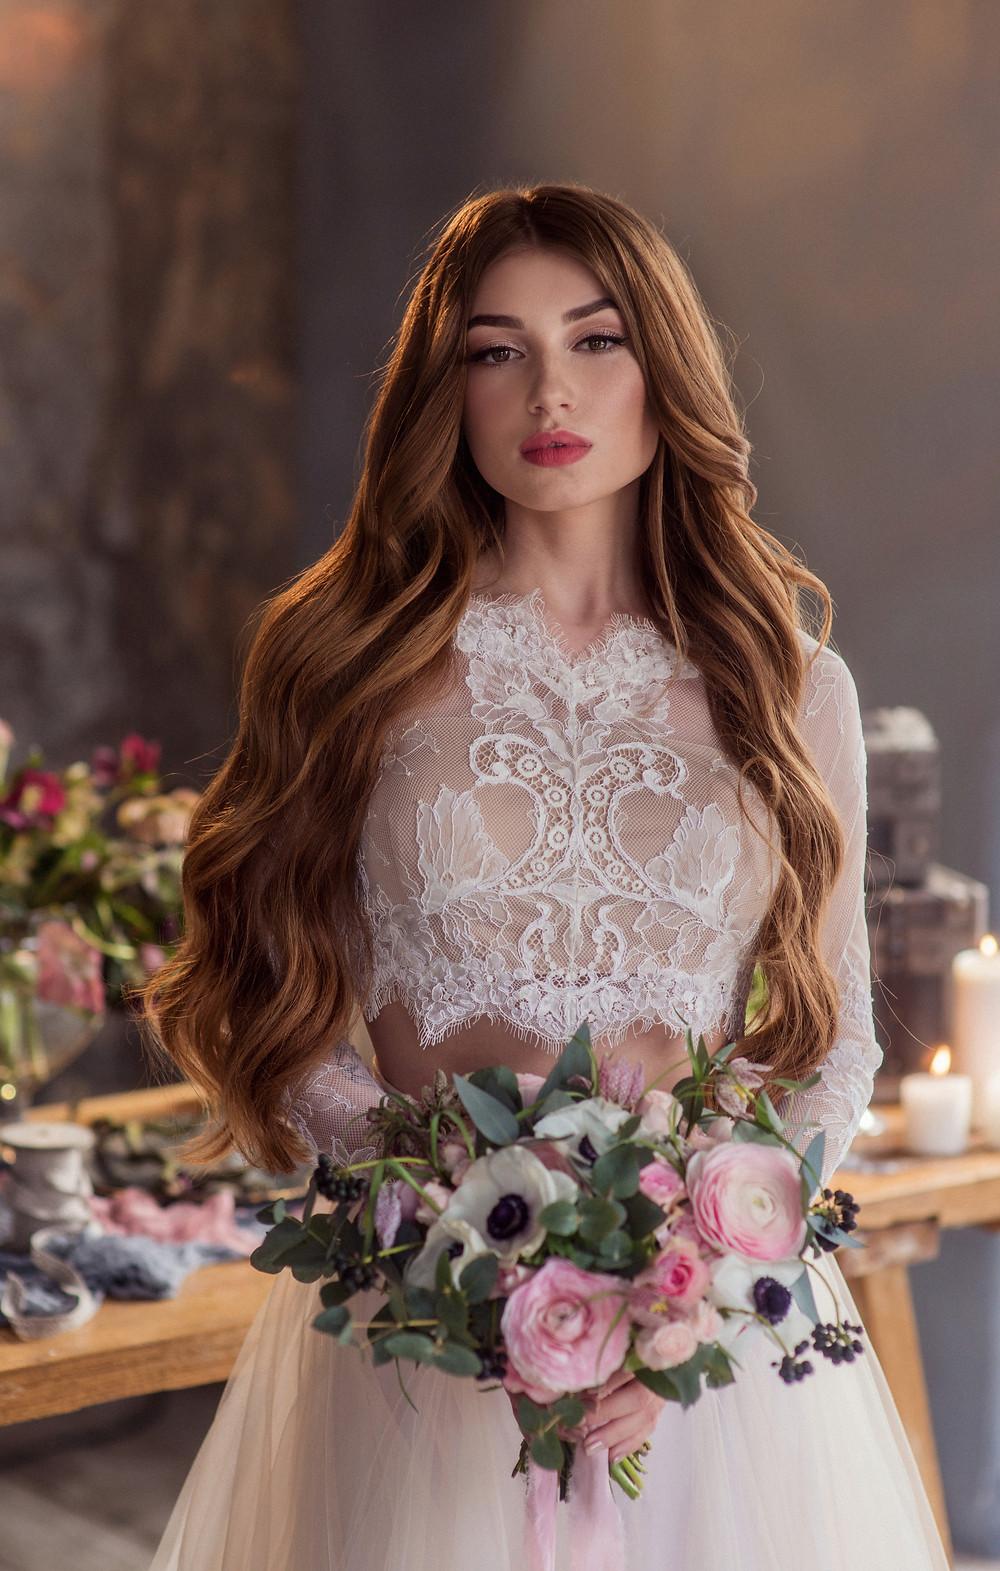 Портрет невесты с букетом в лофте с декором